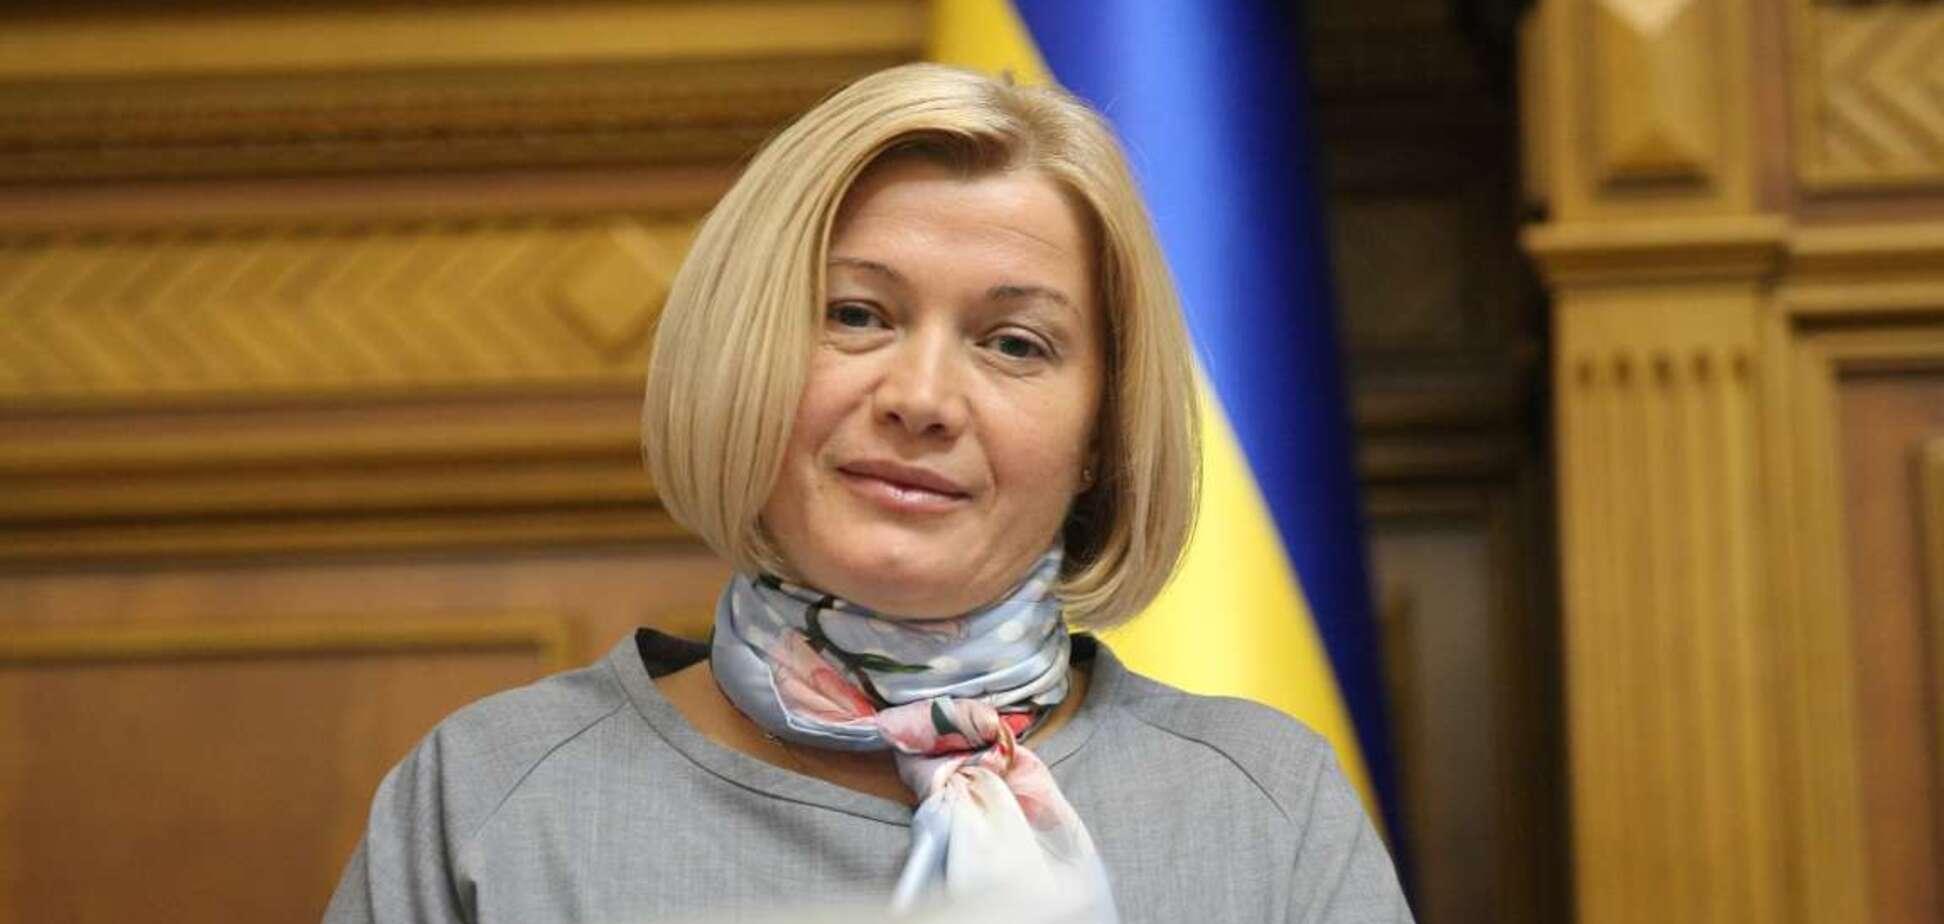 Ирина Геращенко обвинила действующую власть в некомпетентности